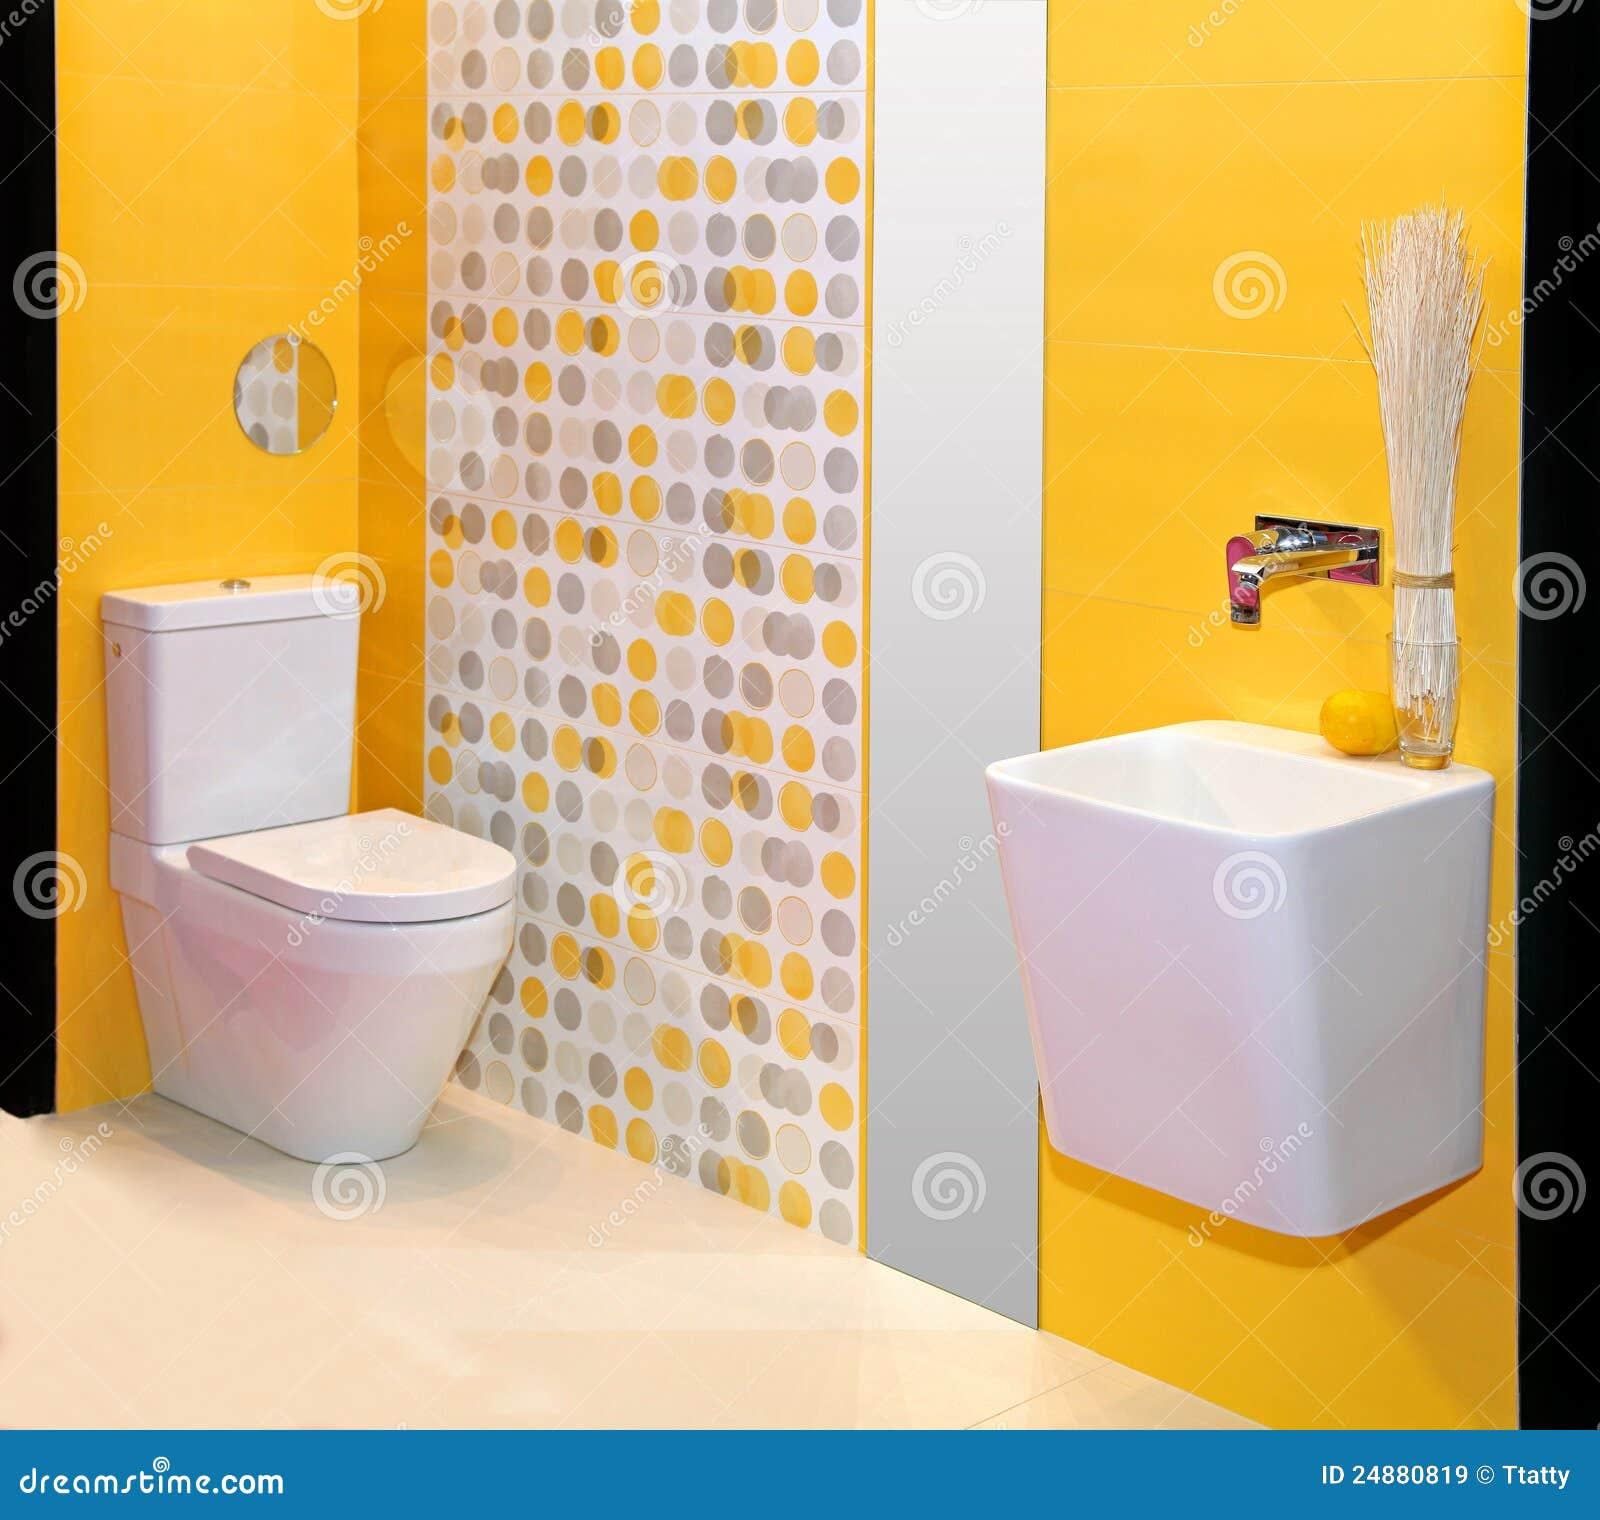 gelbes badezimmer stockbild bild von toilette minimalistic 24880819. Black Bedroom Furniture Sets. Home Design Ideas